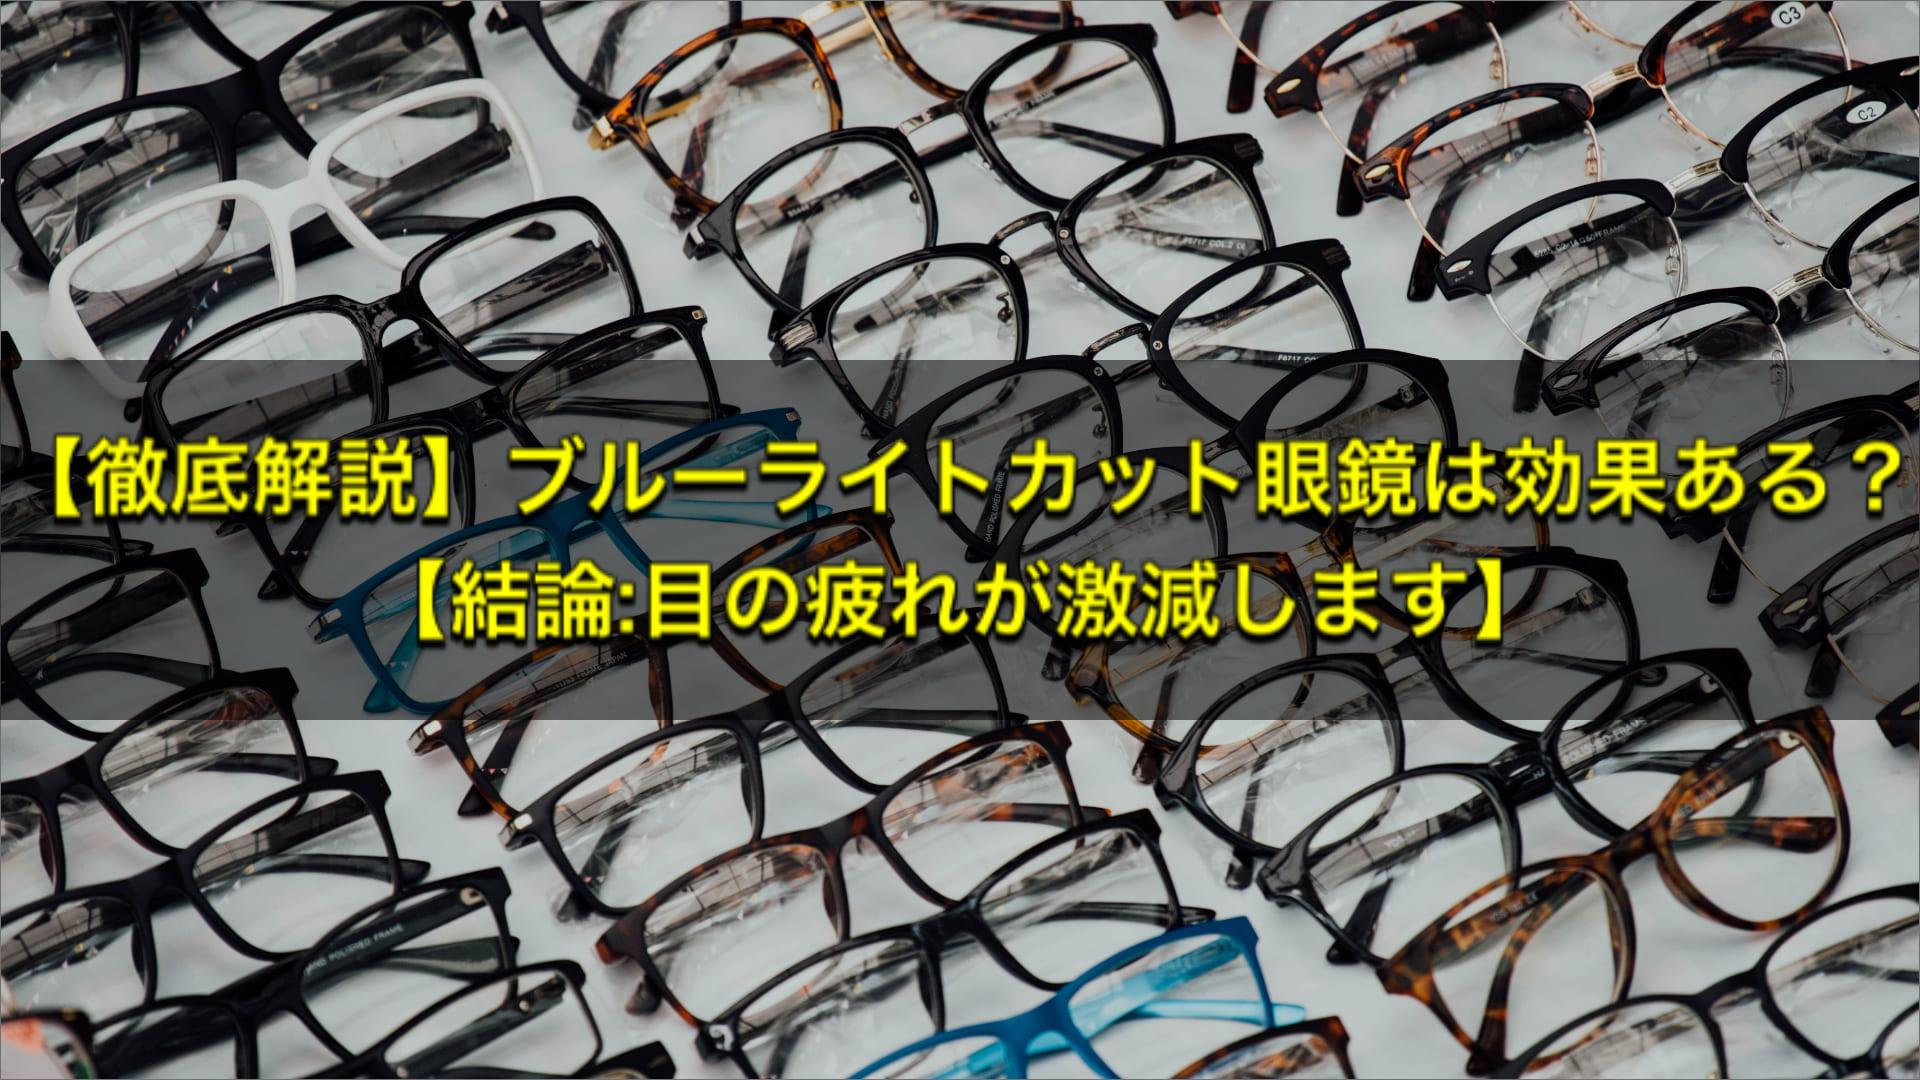 【徹底解説】ブルーライトカット眼鏡は効果ある?【結論:目の疲れが激減します】